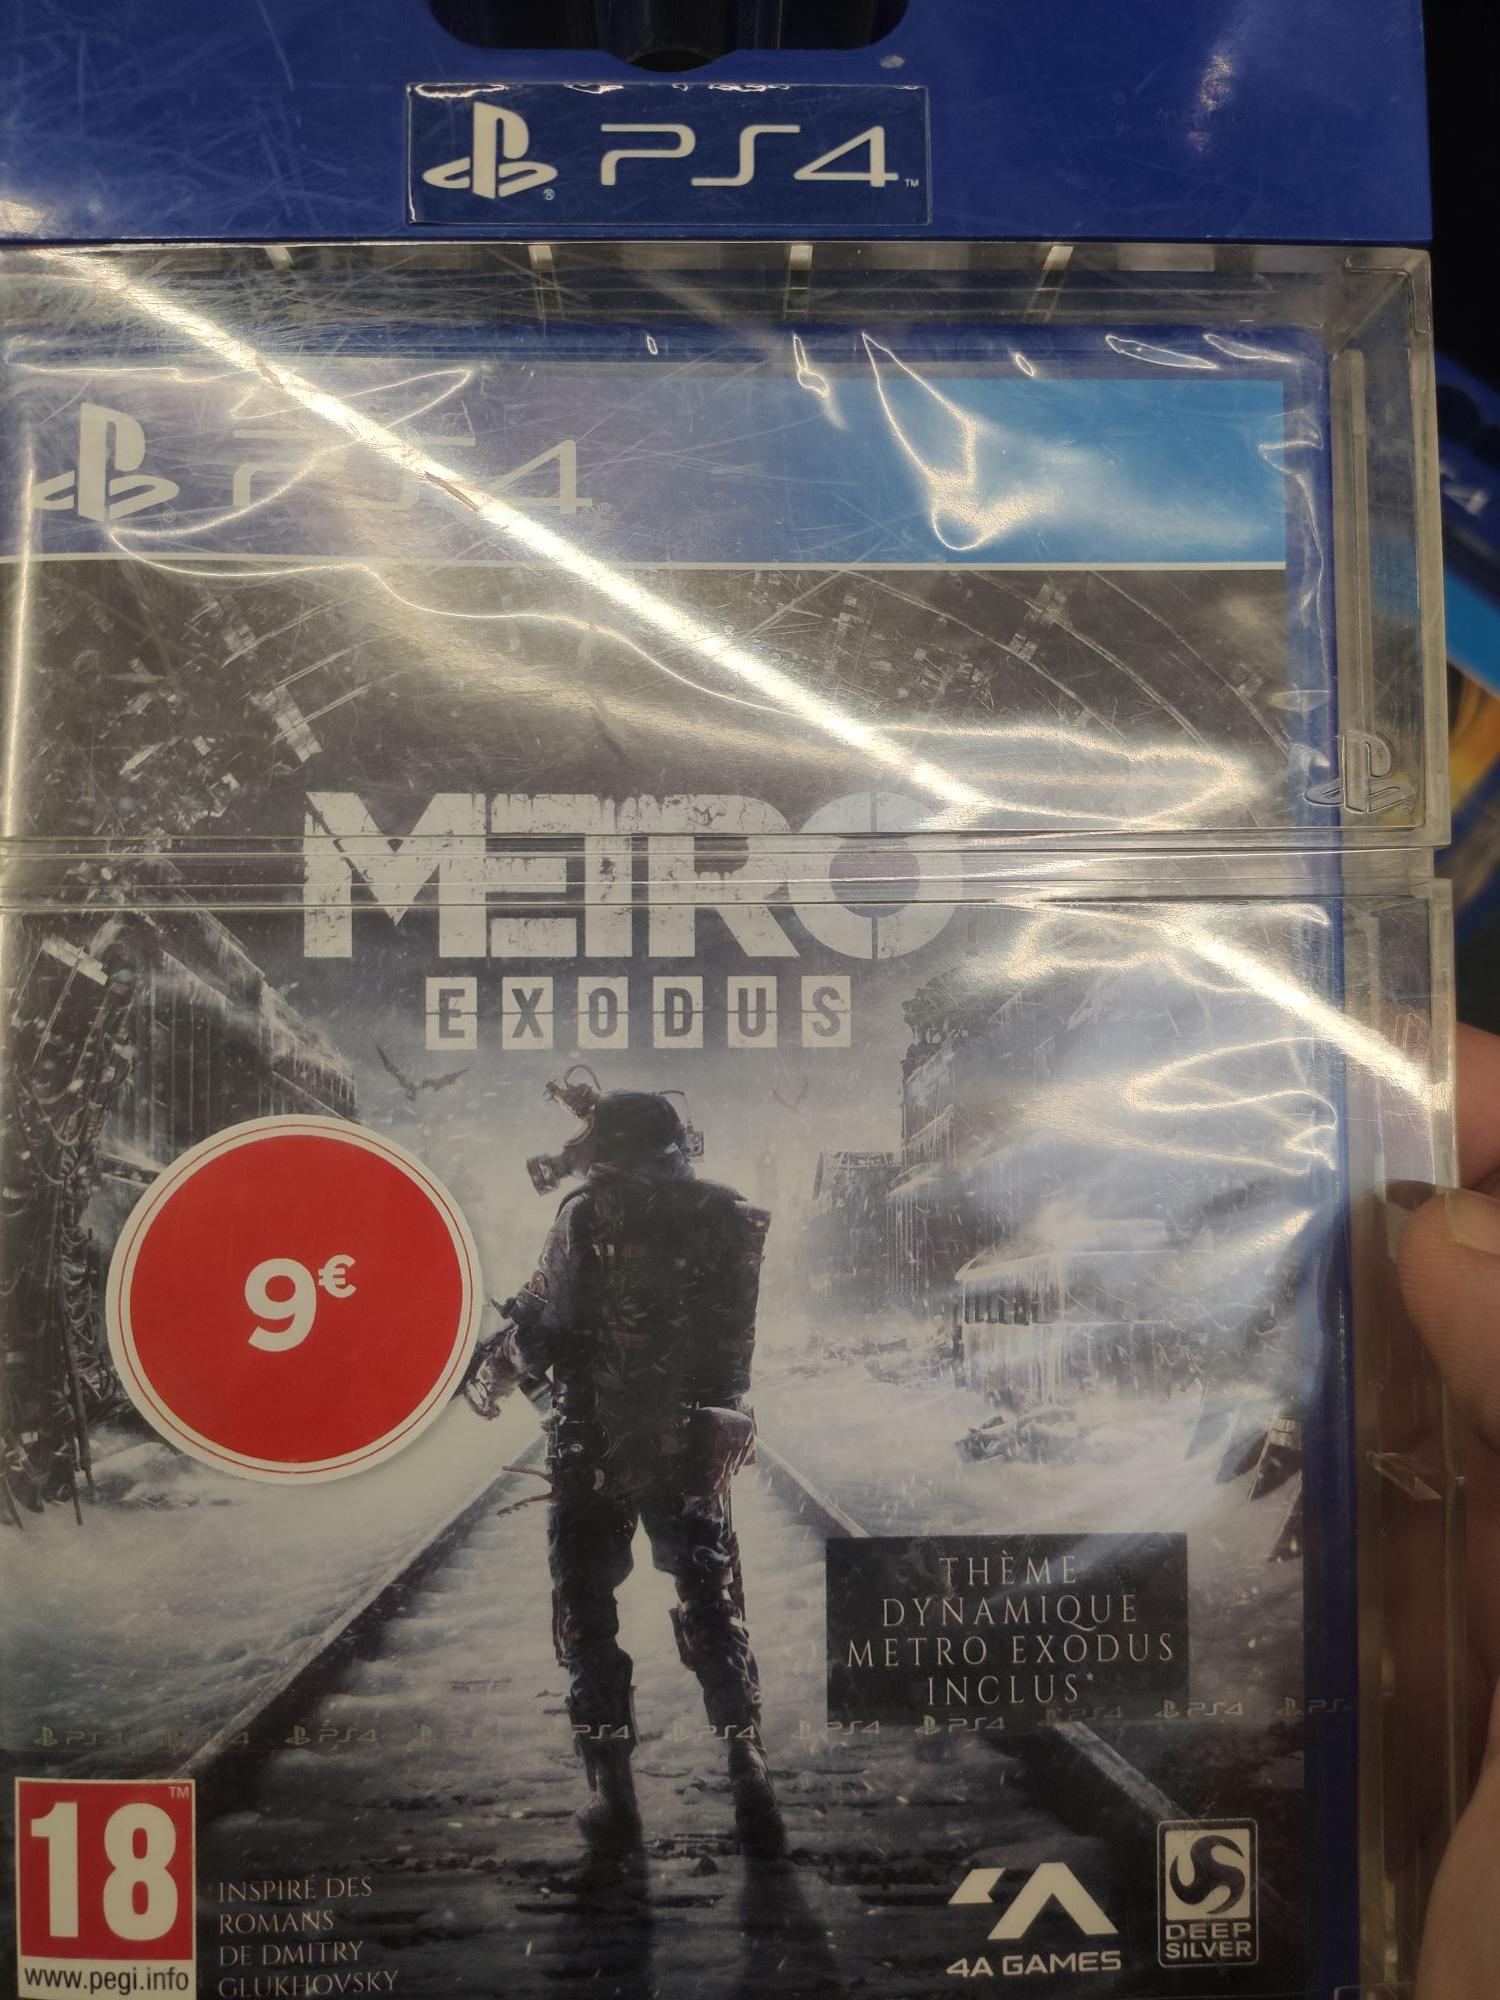 Sélection de jeux PS4 en promotion (Ex : Metro Exodus) - Claira (66)